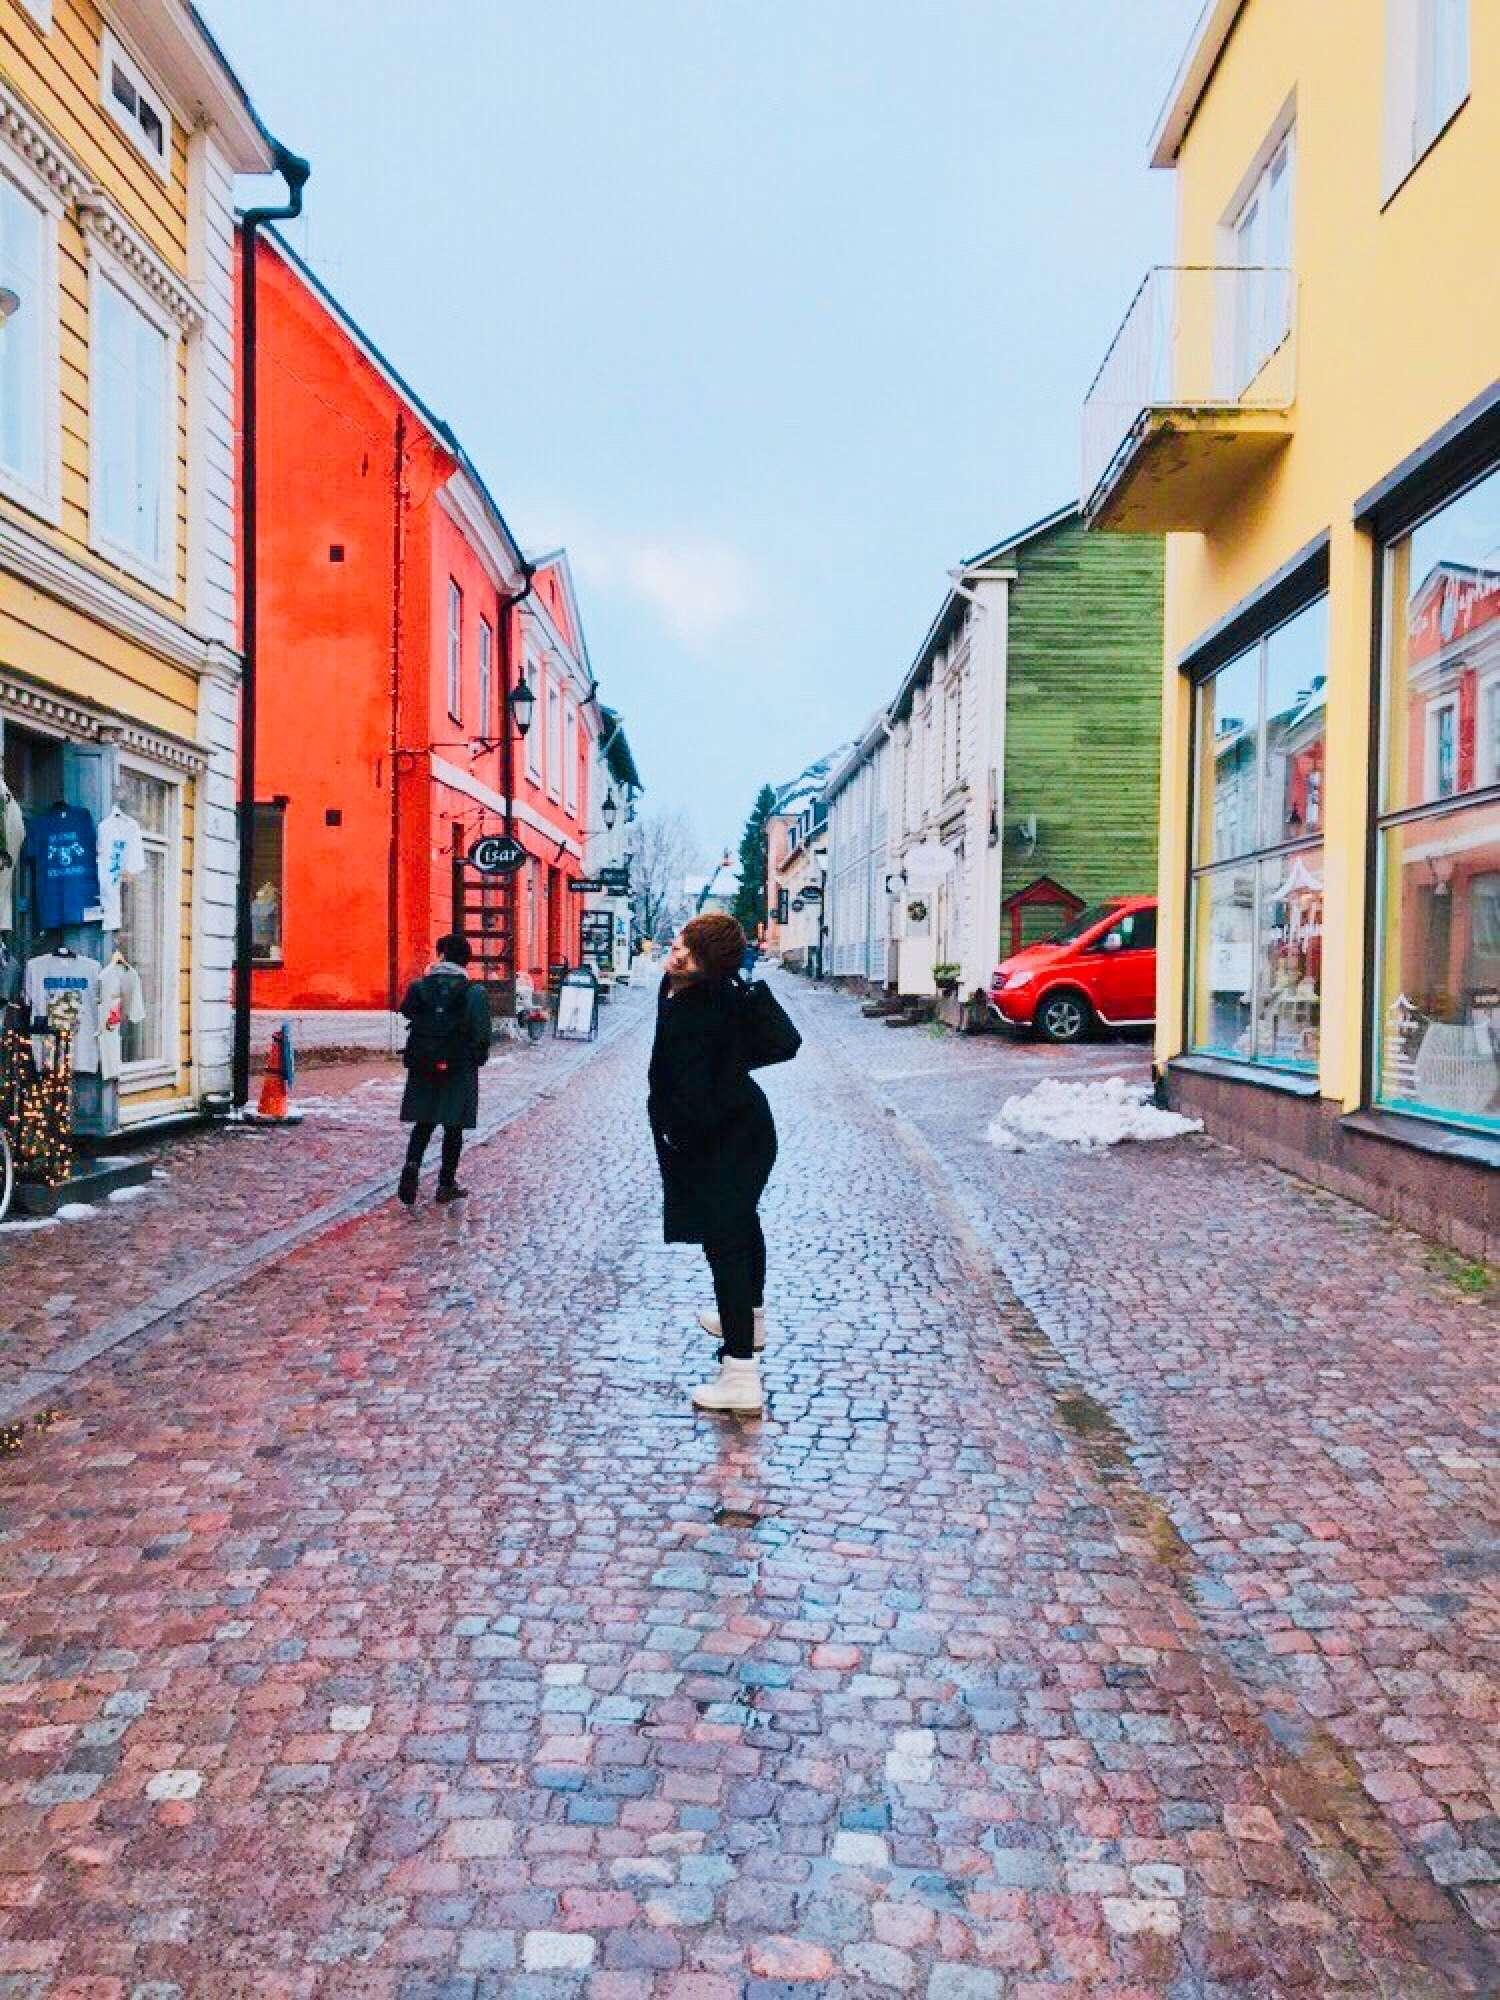 建築の専門学校から竹内へ - 学生時代、建築物の勉強でフィンランドに行きました。建築についての自分の考え方や見方が変わったとても良い経験になりました。日本にも目に留まる珍しい建物が多いですが、海外の街づくりというのもまたなかなか見ることができないので色々なアイデアのヒントになる良い経験ができました。 -